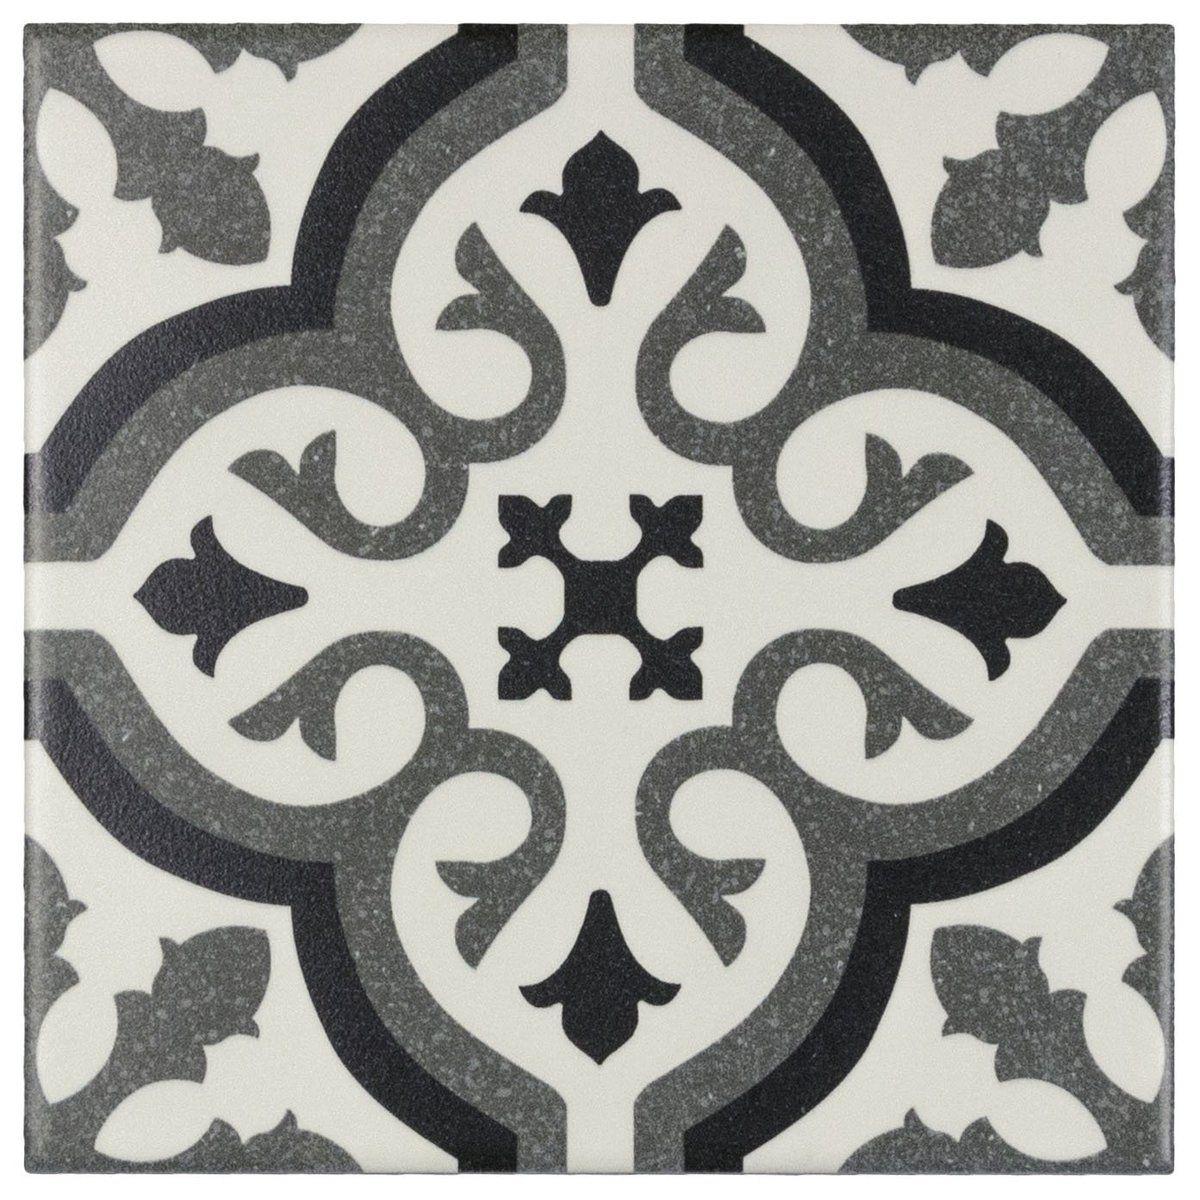 porcelain mosaic tile patterns